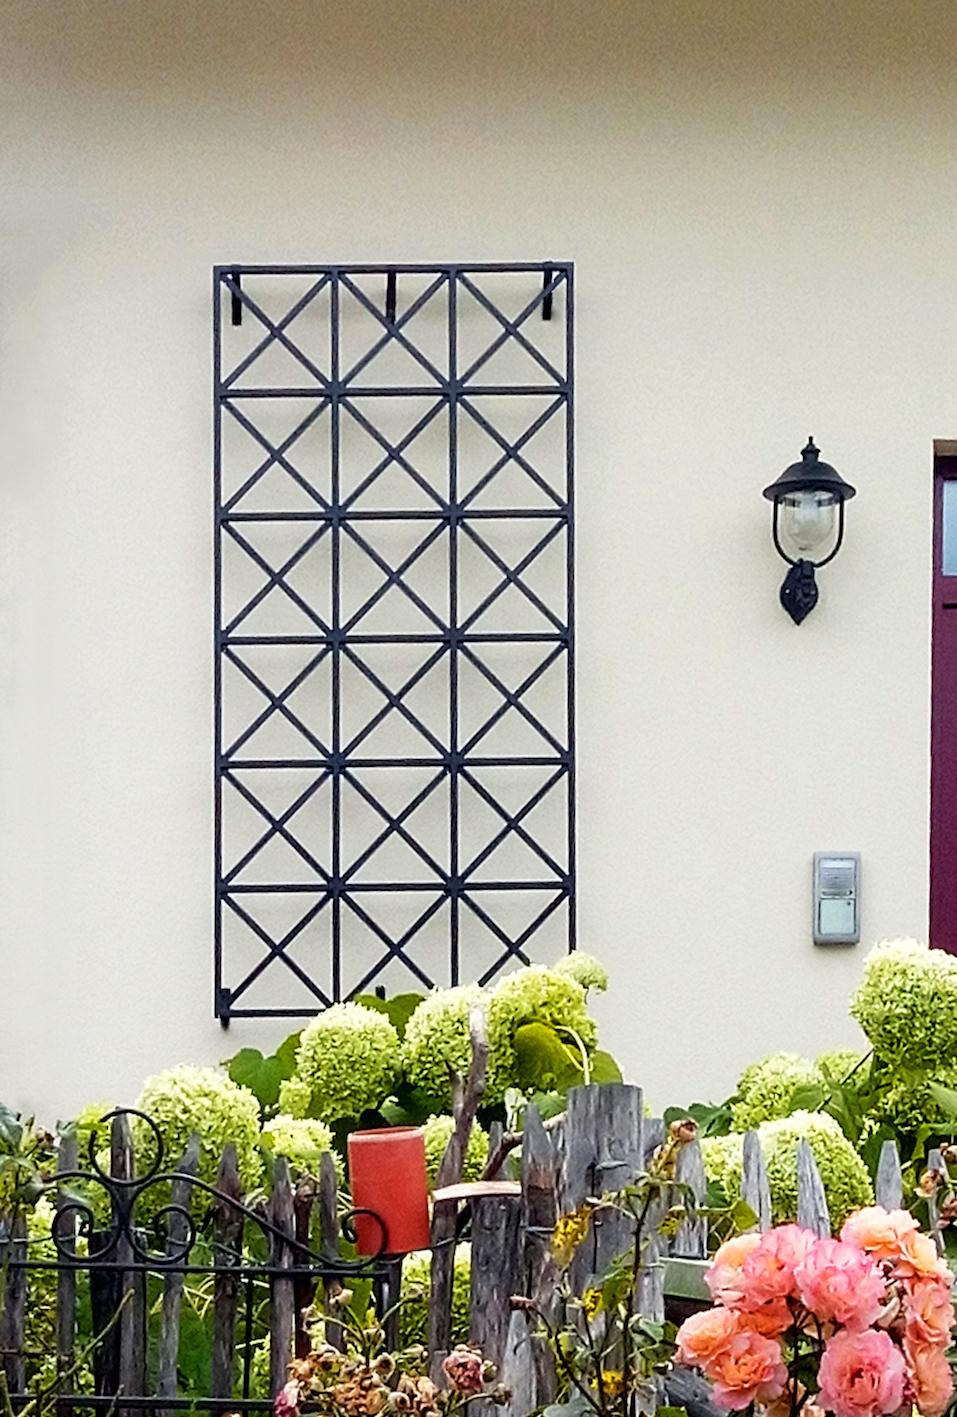 Wand Rankgitter aus Metall Modell Exklusives Wandspalier vom Hersteller